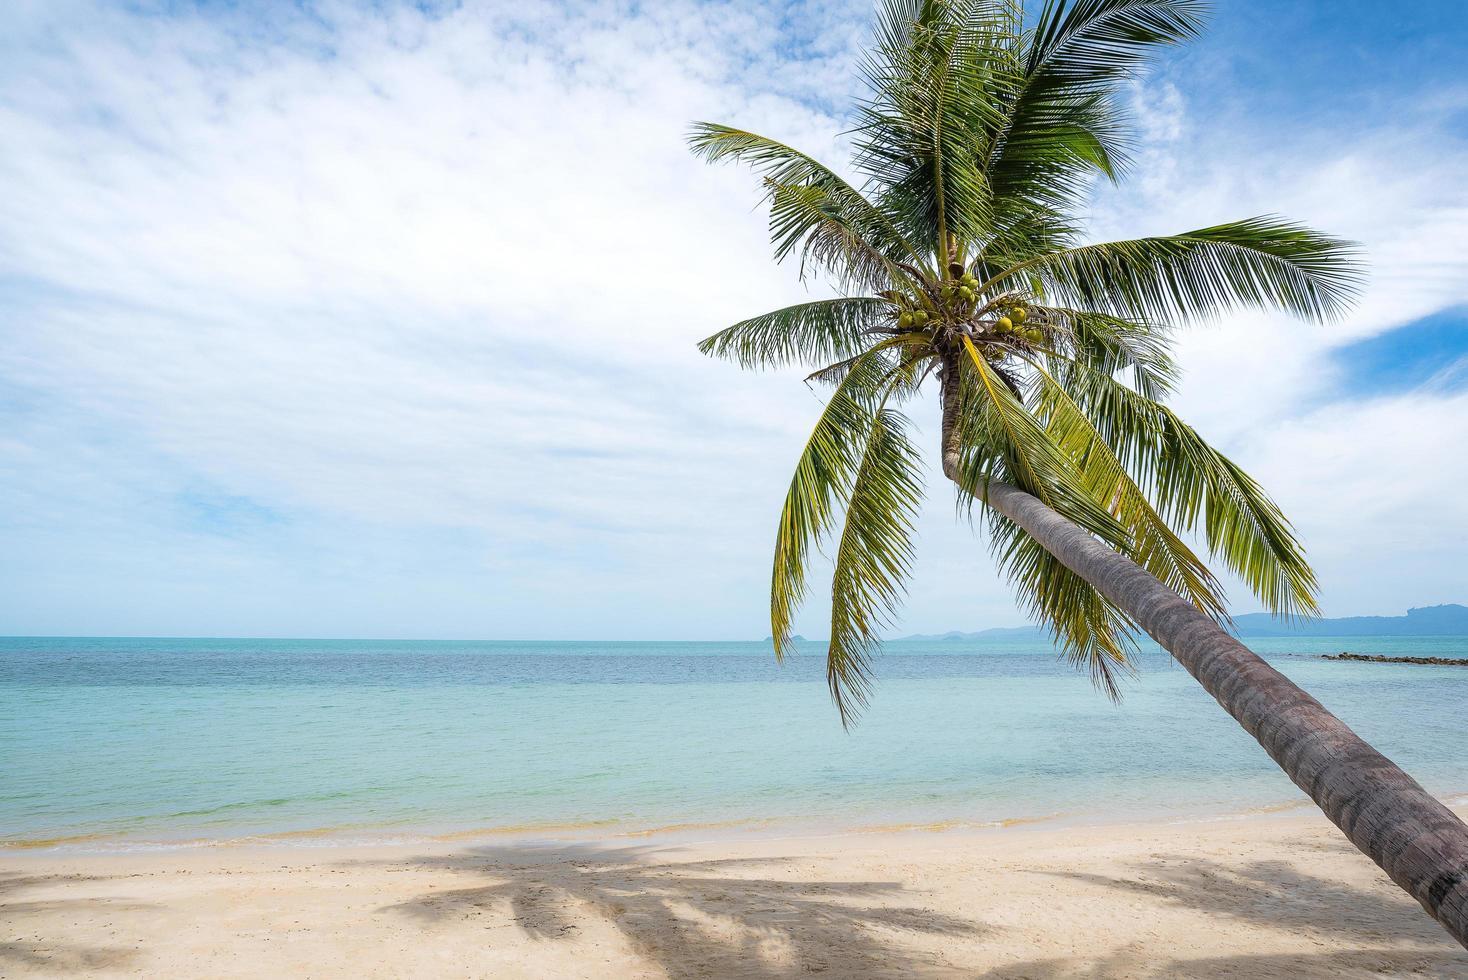 palmera en playa tropical foto